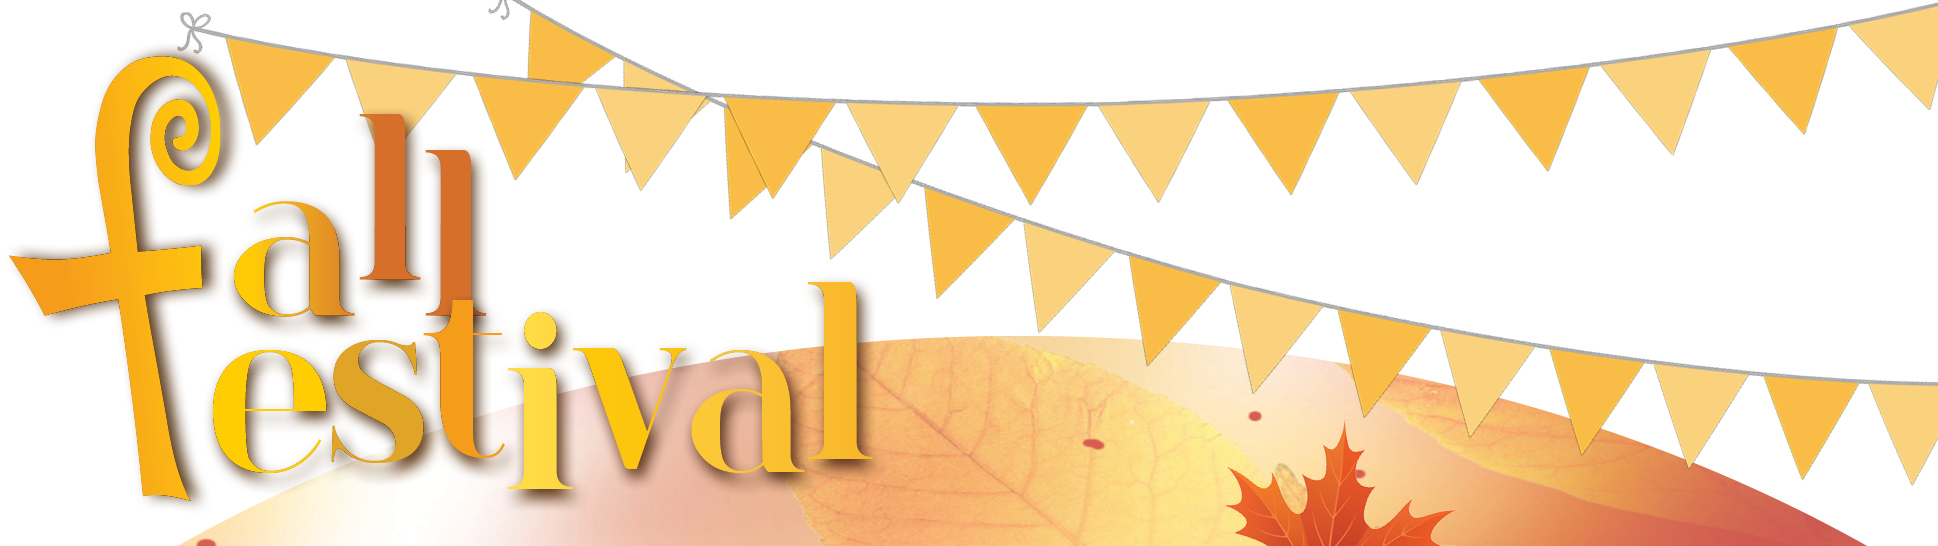 Header: Fall Festival Banner   Westminster